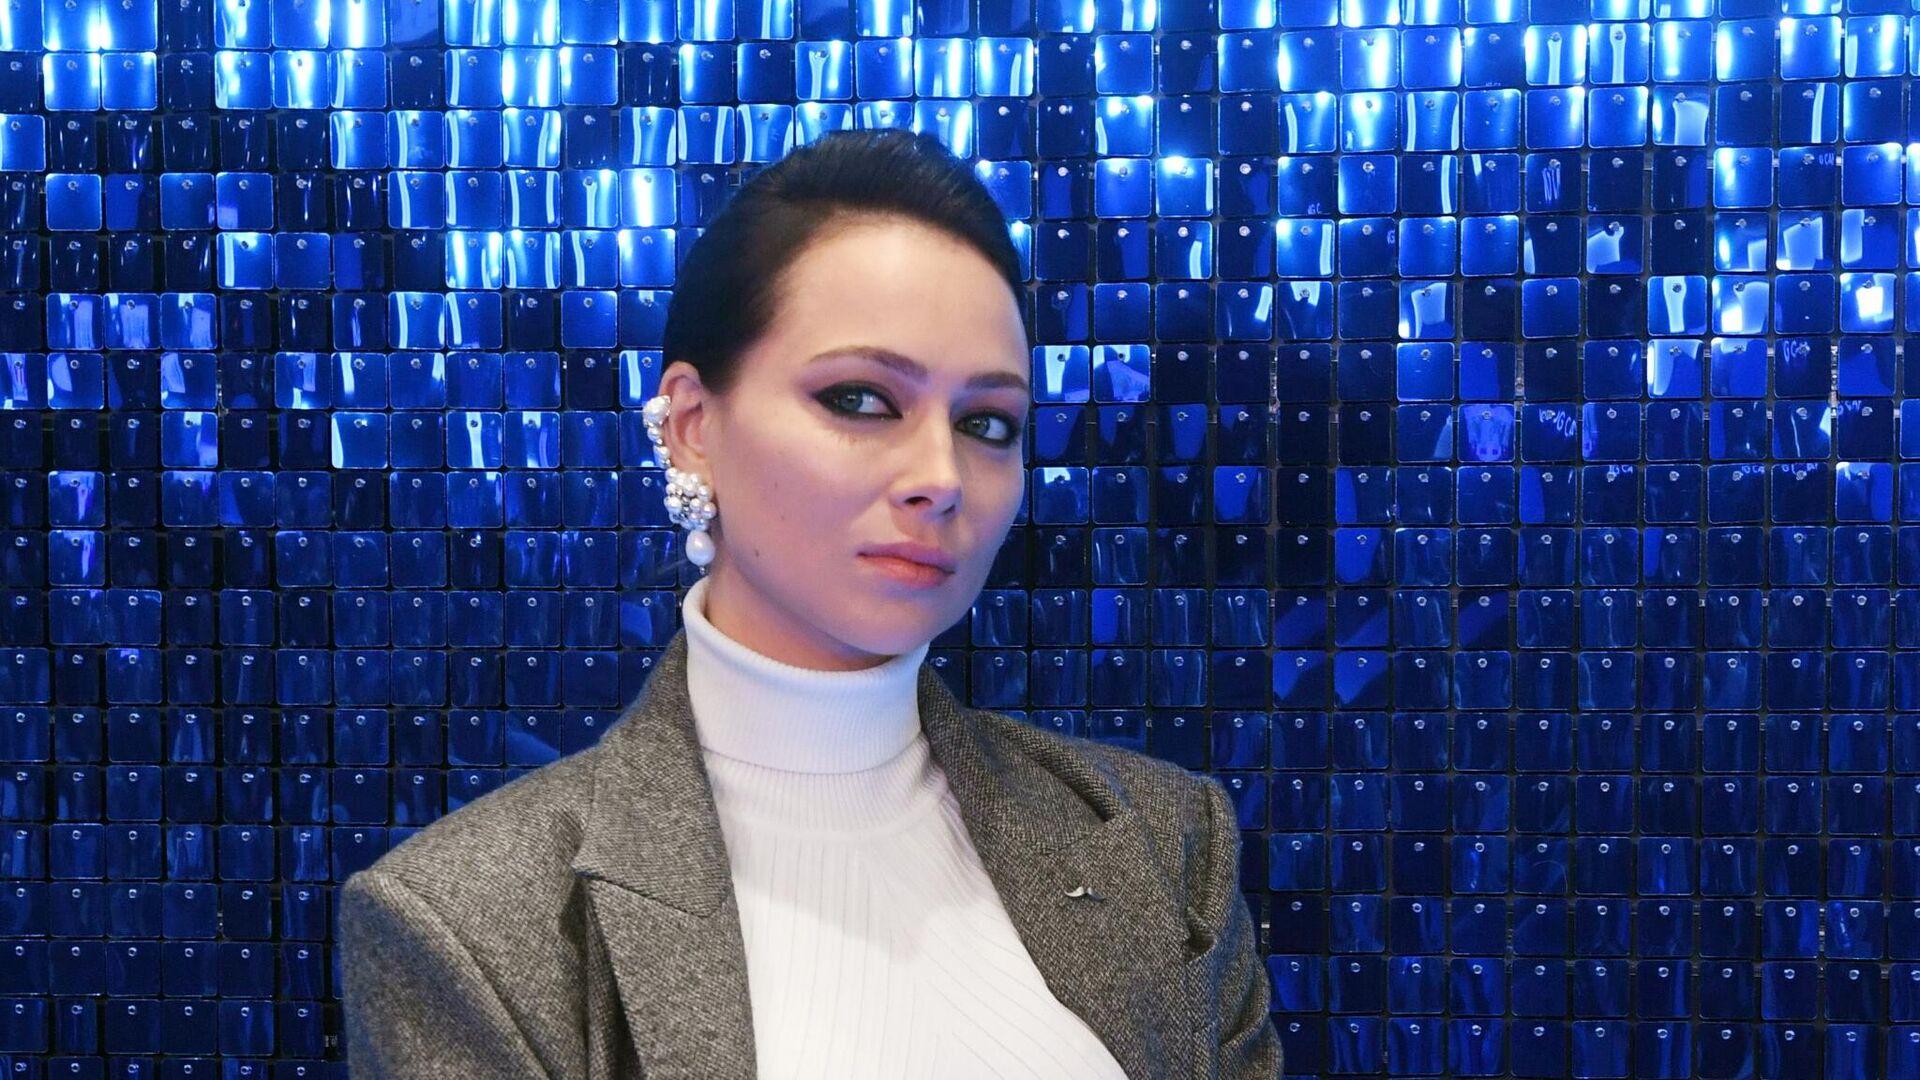 Актриса Настасья Самбурская на премьере фильма Лёд 2 - РИА Новости, 1920, 15.02.2021